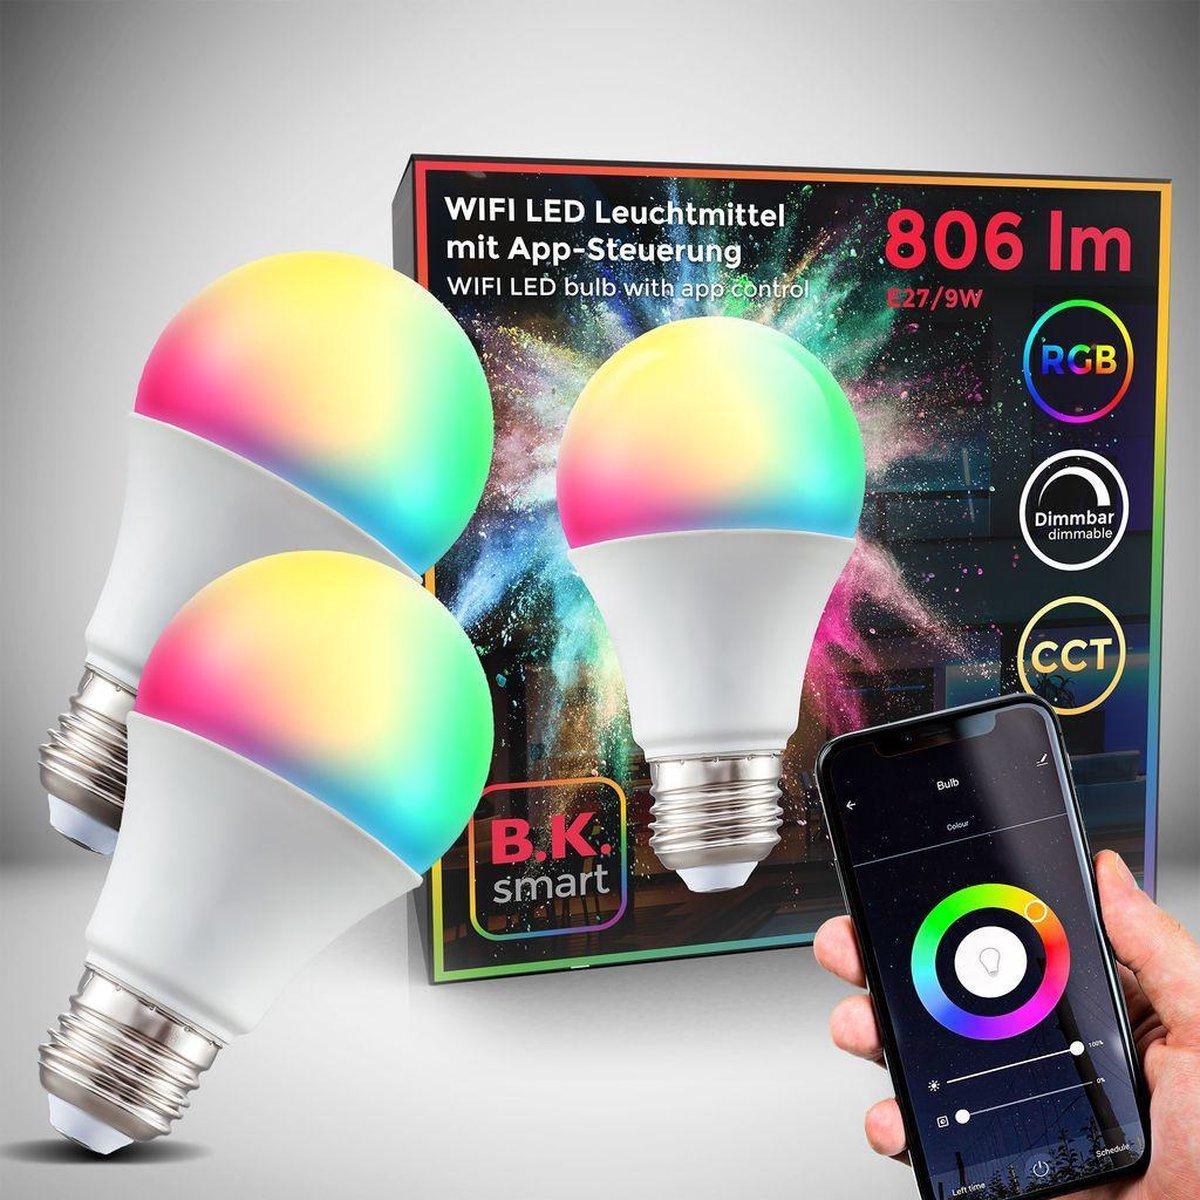 B.K.Licht - Slimme Lichtbron - RGB en CCT - set van 2 - smart lamp - met E27 - 9W LED - WiFi - App - 2.700K to 6.500K - 806 Lm - voice control - color lampjes - LED lamp